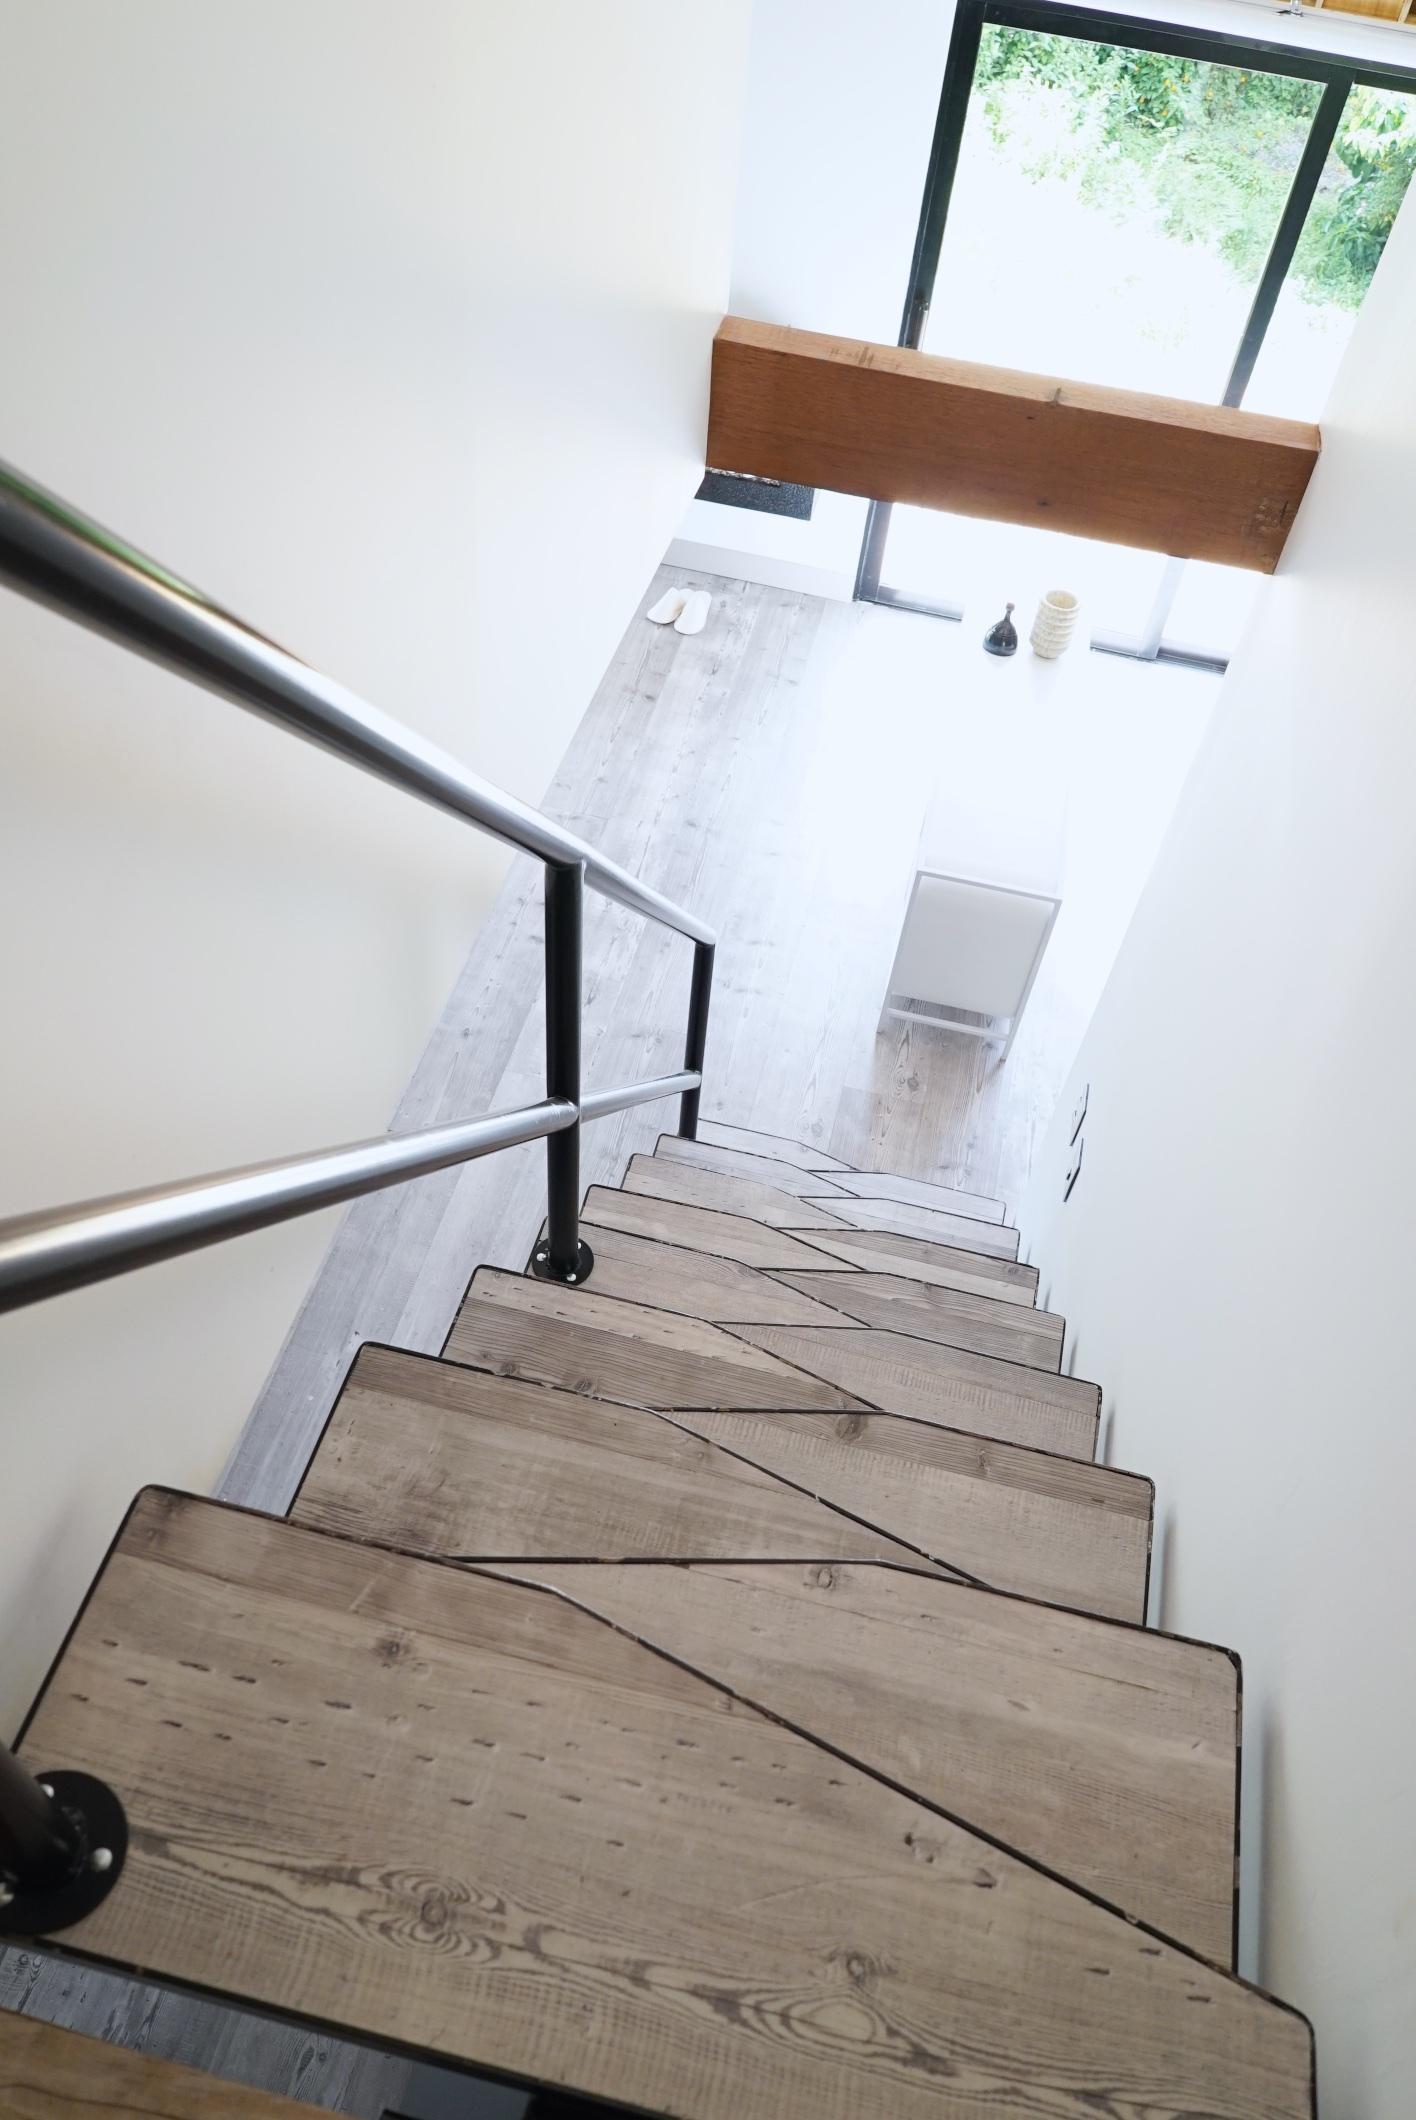 """El diseño inusual estilo """"Pato"""" de la escalera se implementó para facilitar el uso en espacios pequeños que suelen tener subida empinada."""